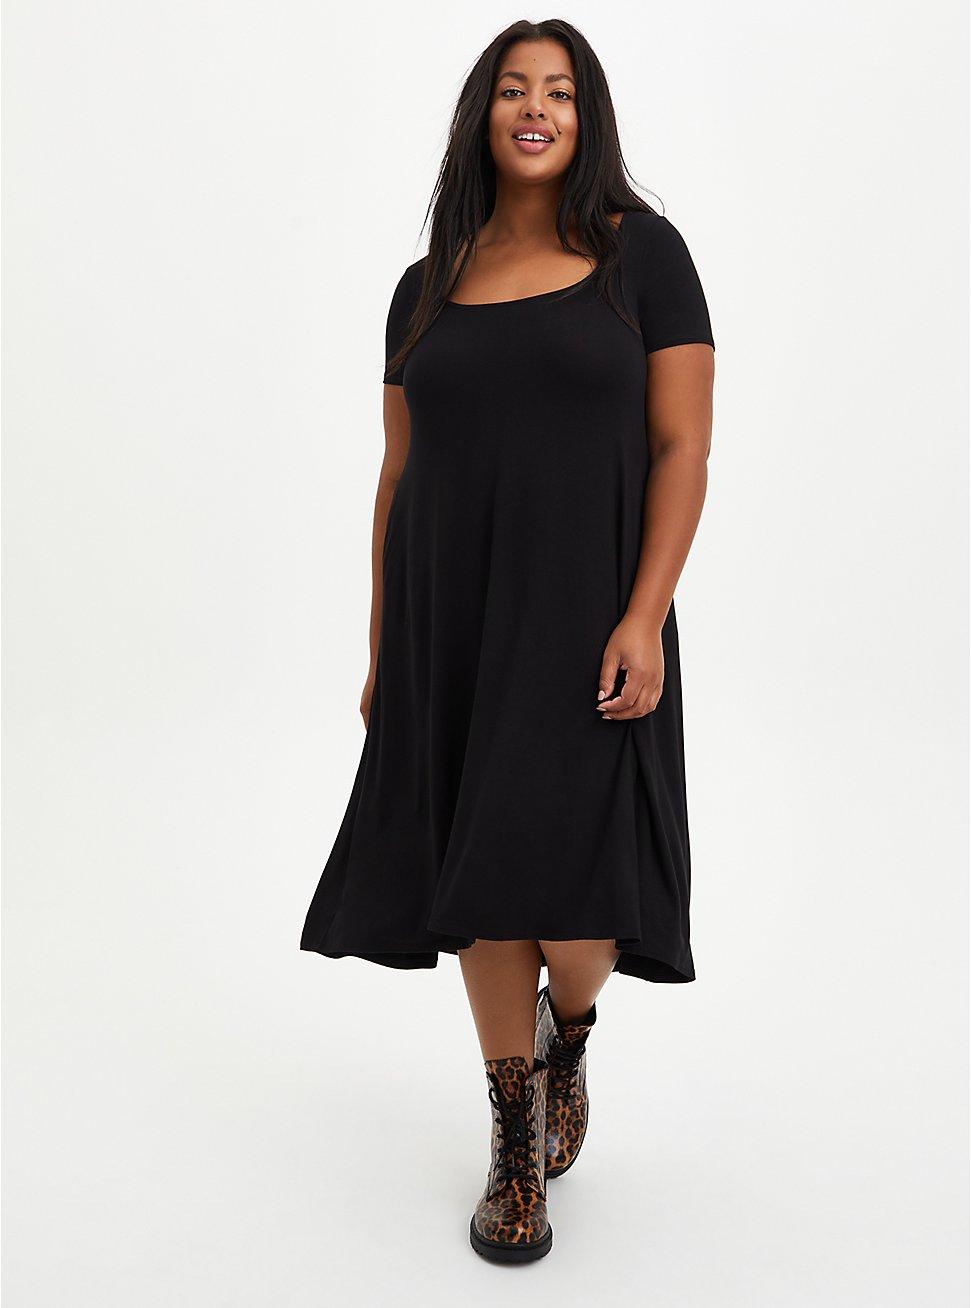 Hi-Low A-Line Dress - Super Soft Black, DEEP BLACK, hi-res